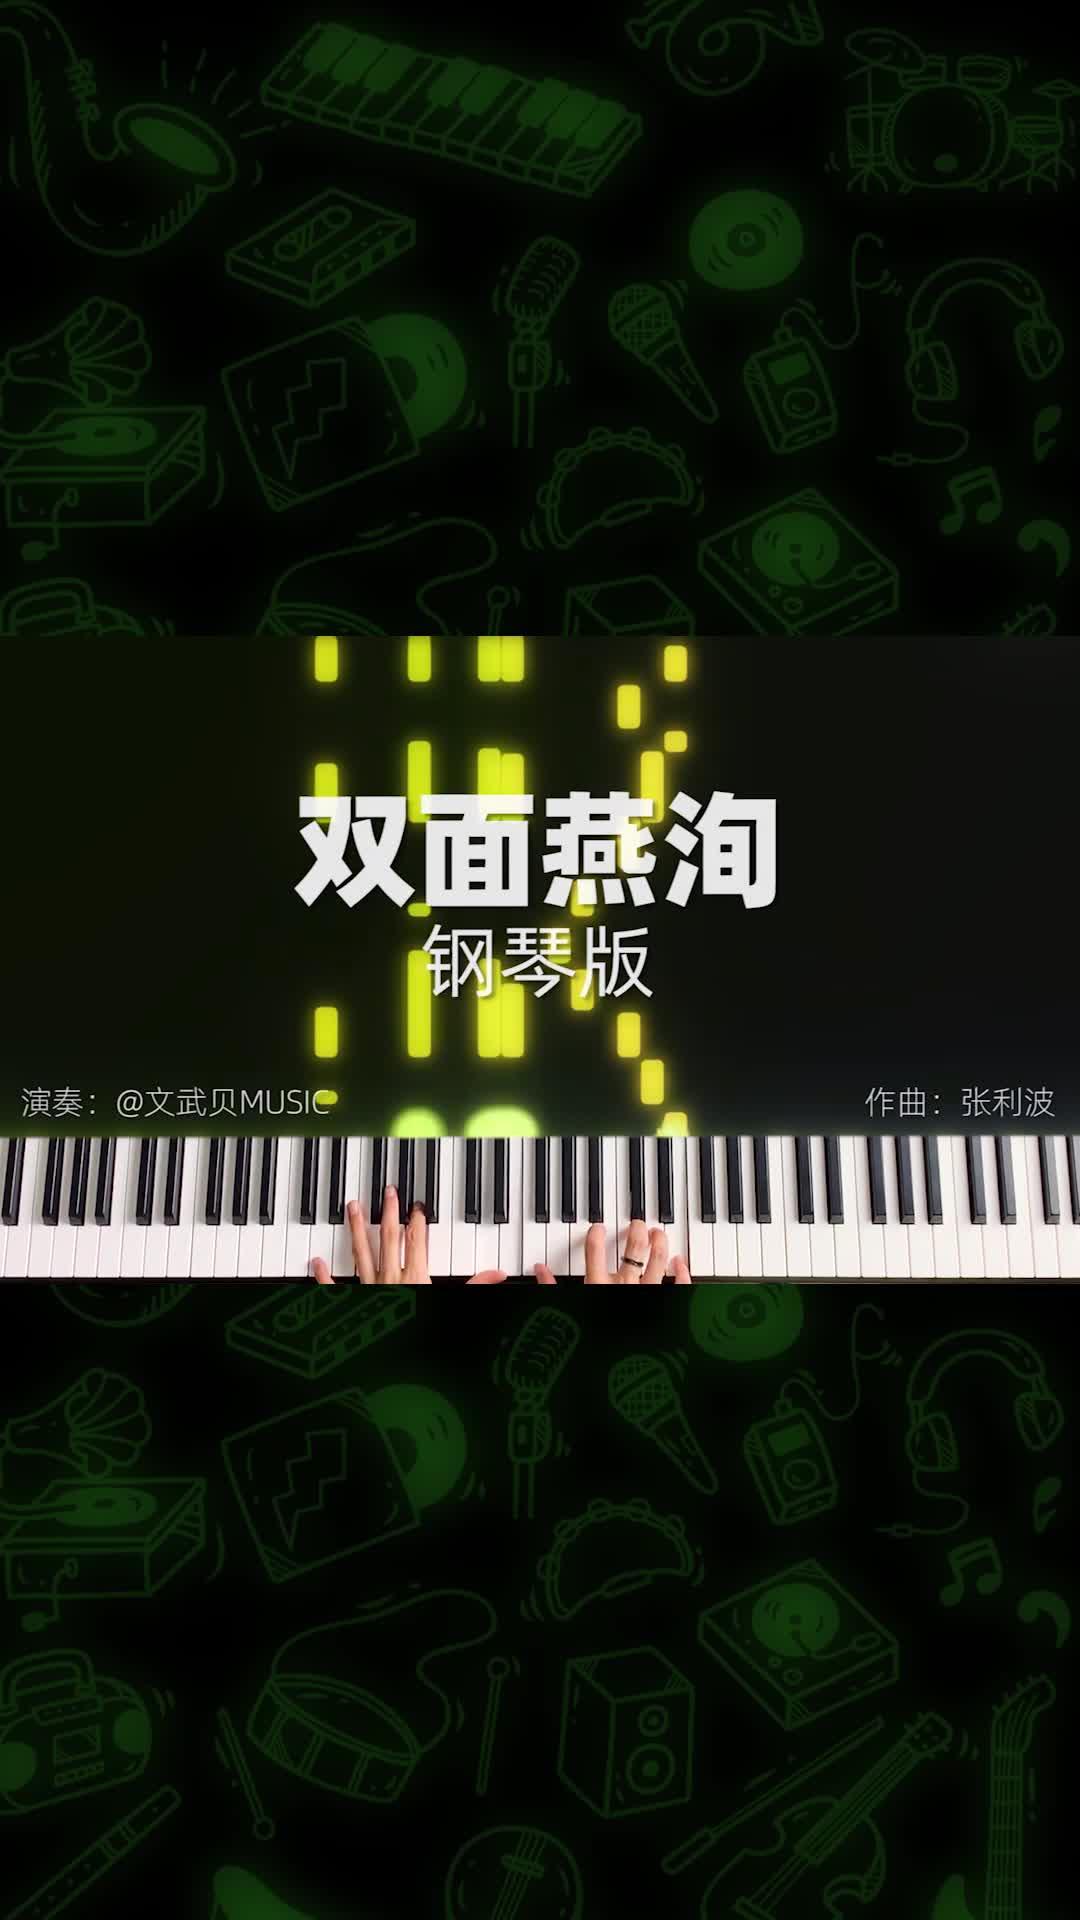 双面燕洵(古典舞《丽人行》音乐 )文武贝钢琴版